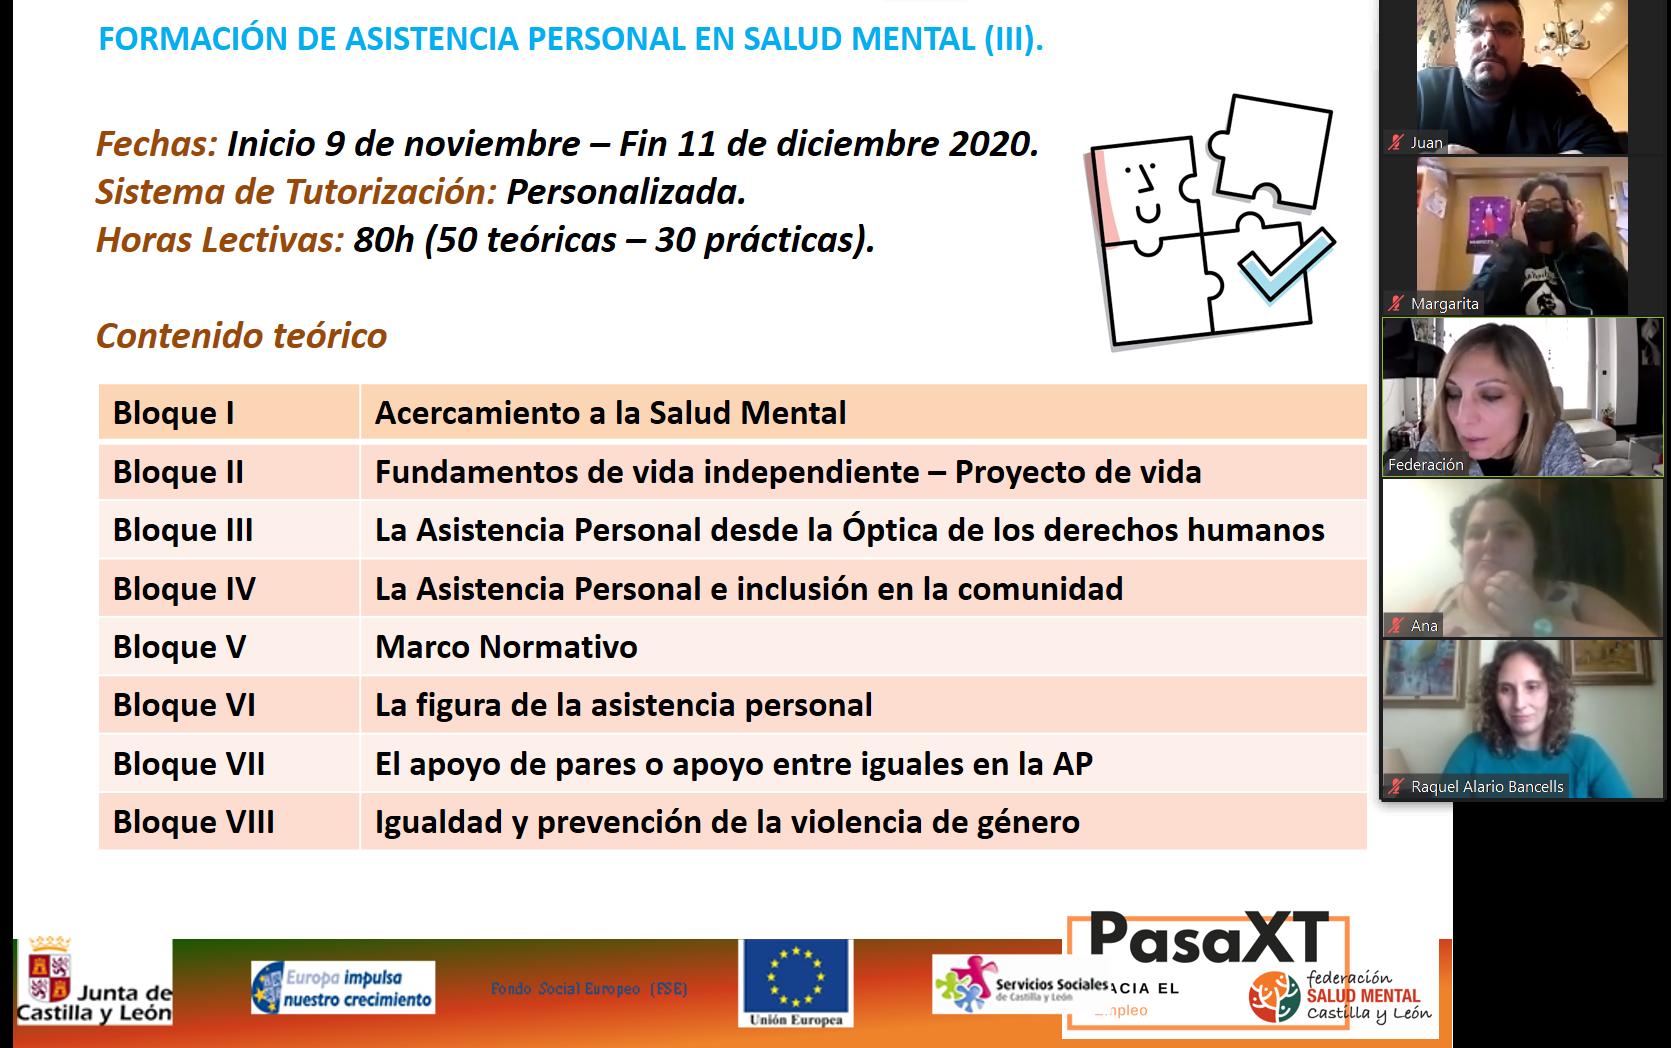 Formación asistencia personal en salud mental